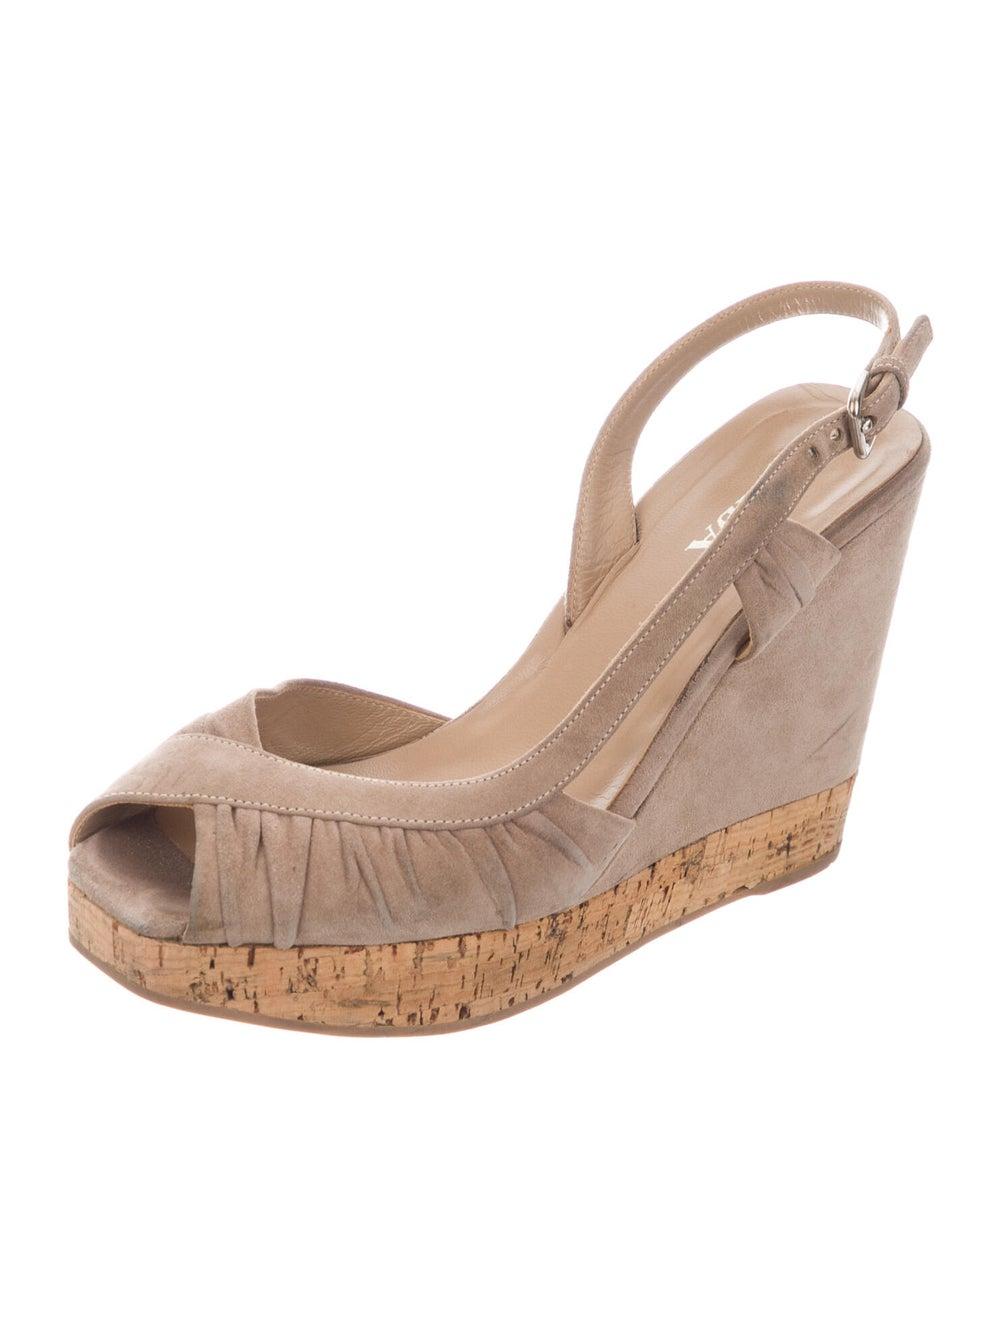 Prada Suede Slingback Sandals - image 2